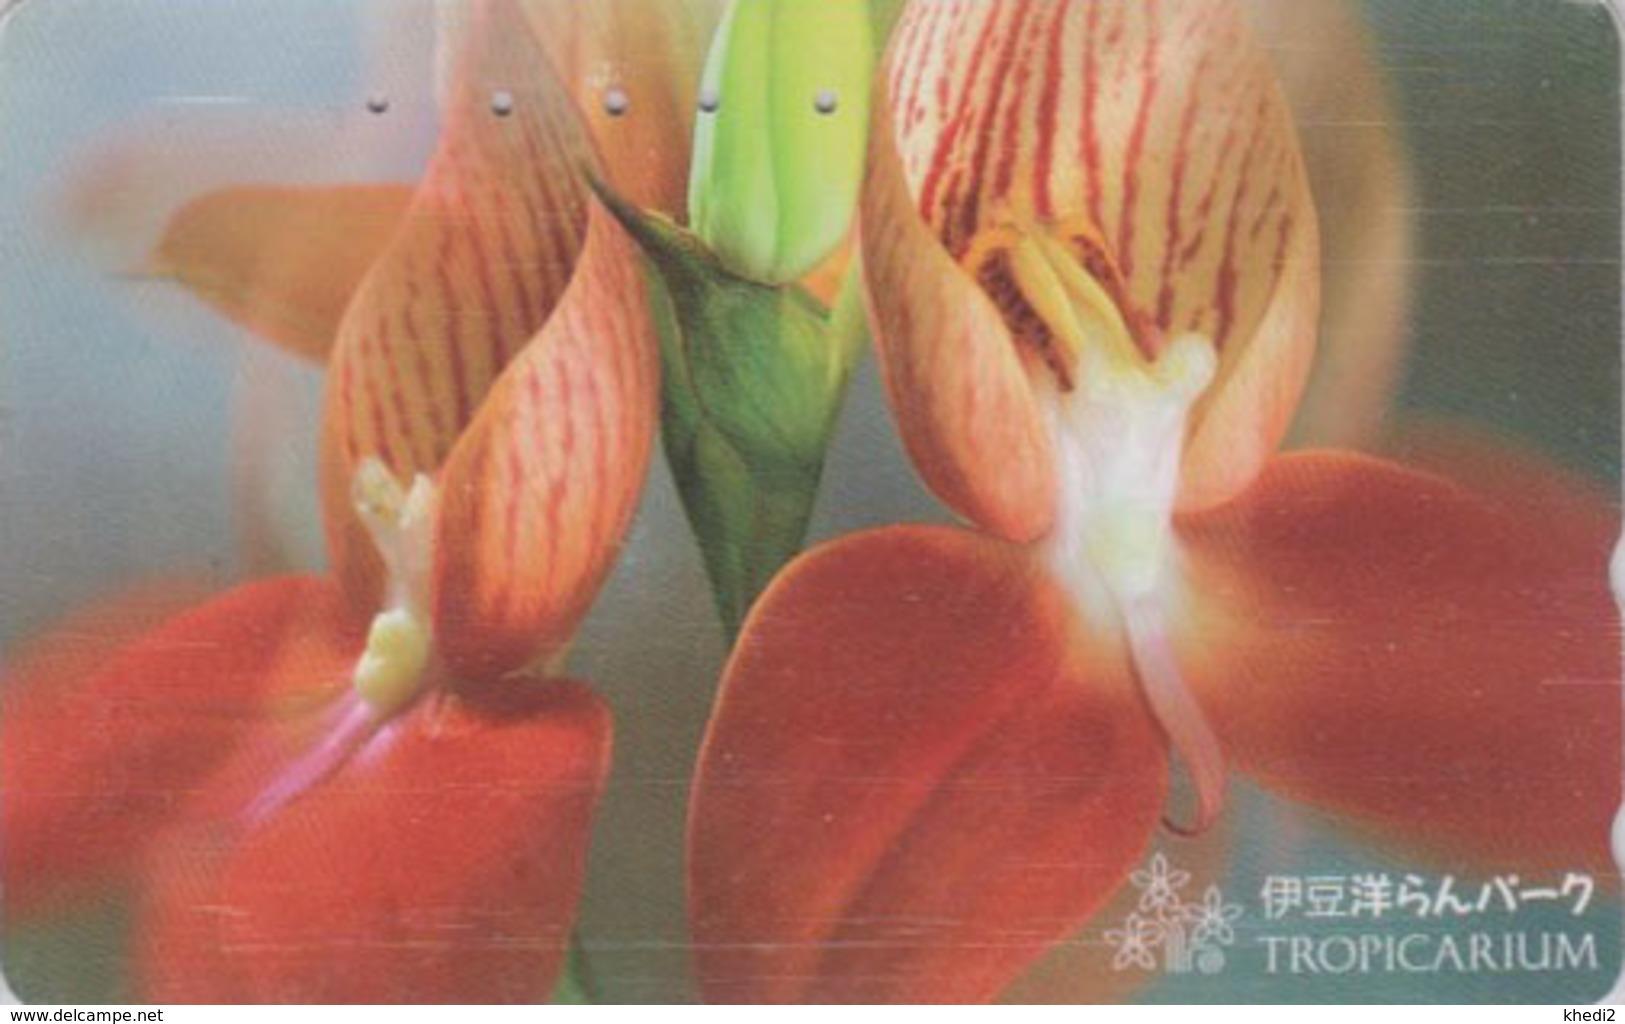 Télécarte Japon / 110-016 - FLEUR -  ORCHIDEE **  Série TROPICARIUM  IZU ORCHID PARK ** - FLOWER Japan Phonecard - 2433 - Fleurs